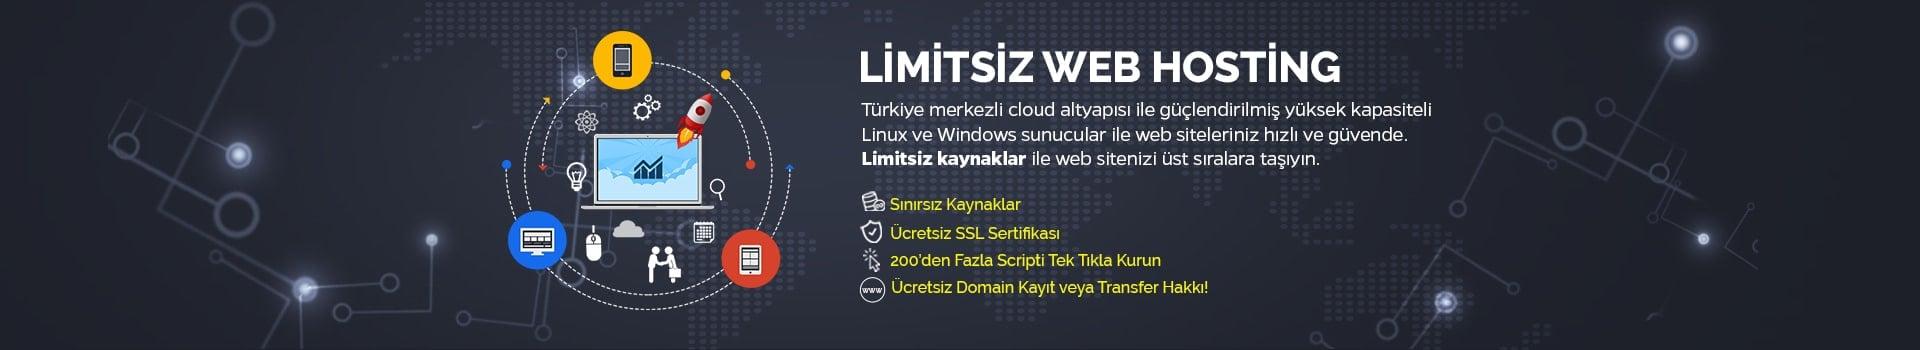 Limitsiz Web Hosting